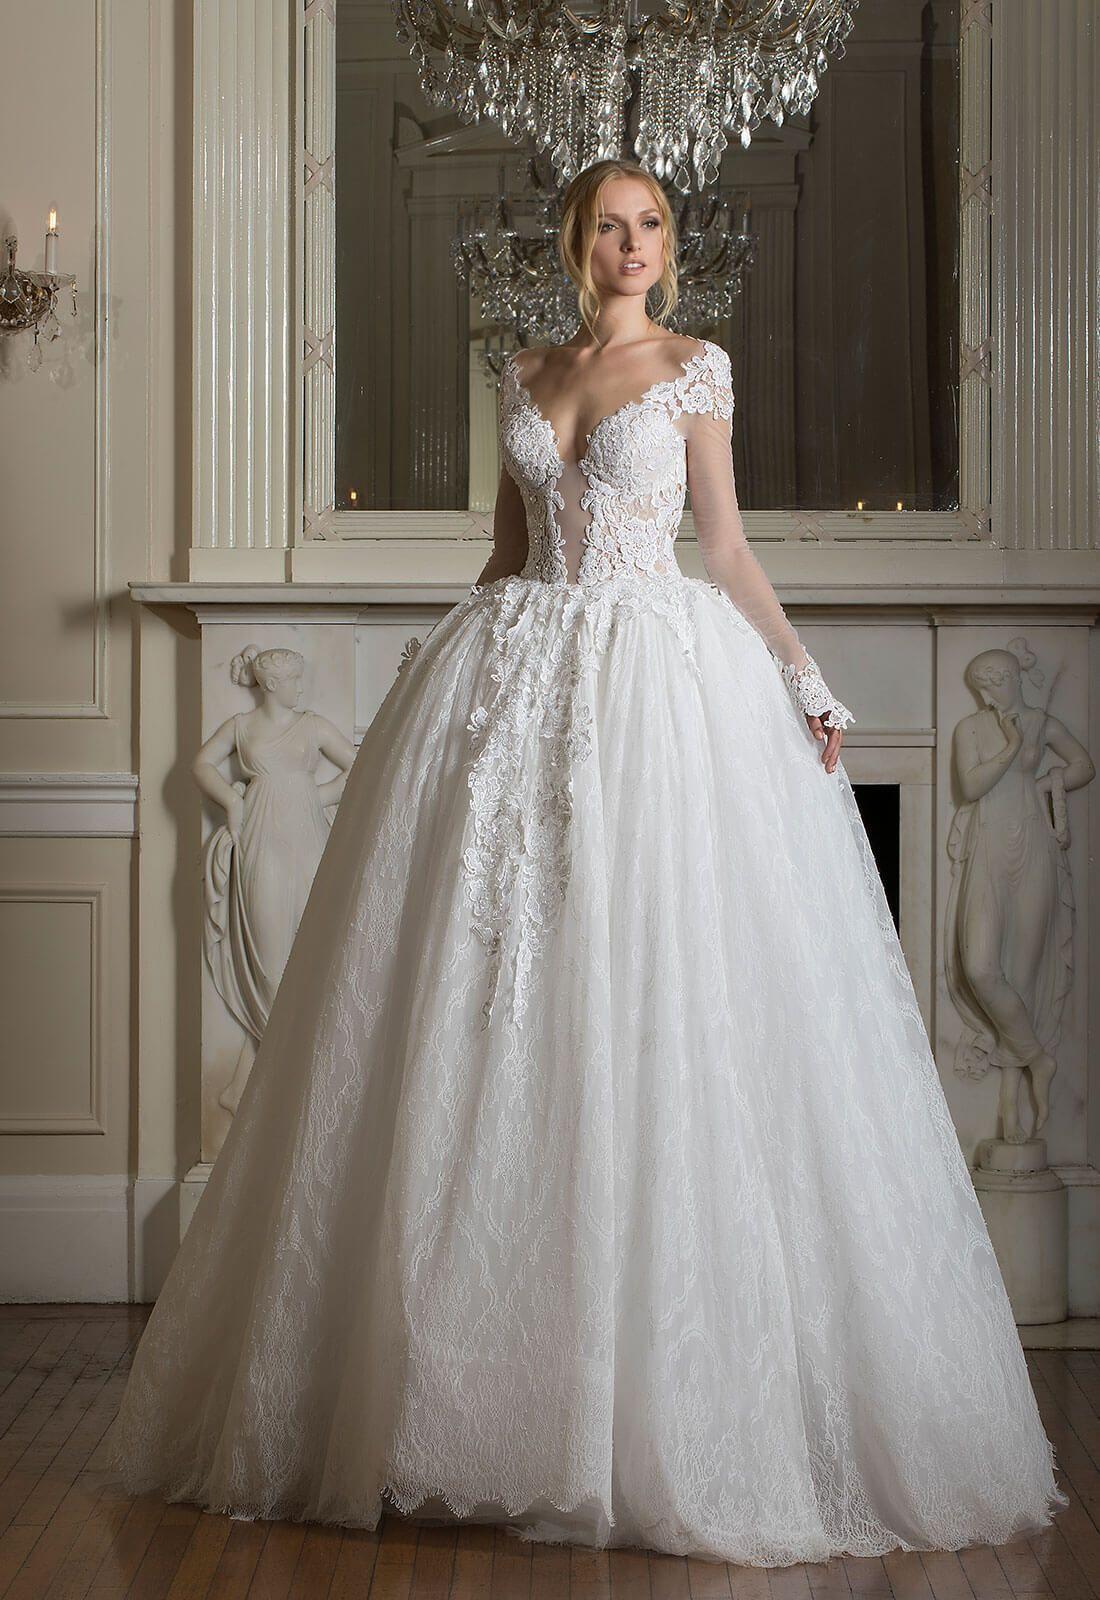 Katie marie weddings amazing wedding dress wedding